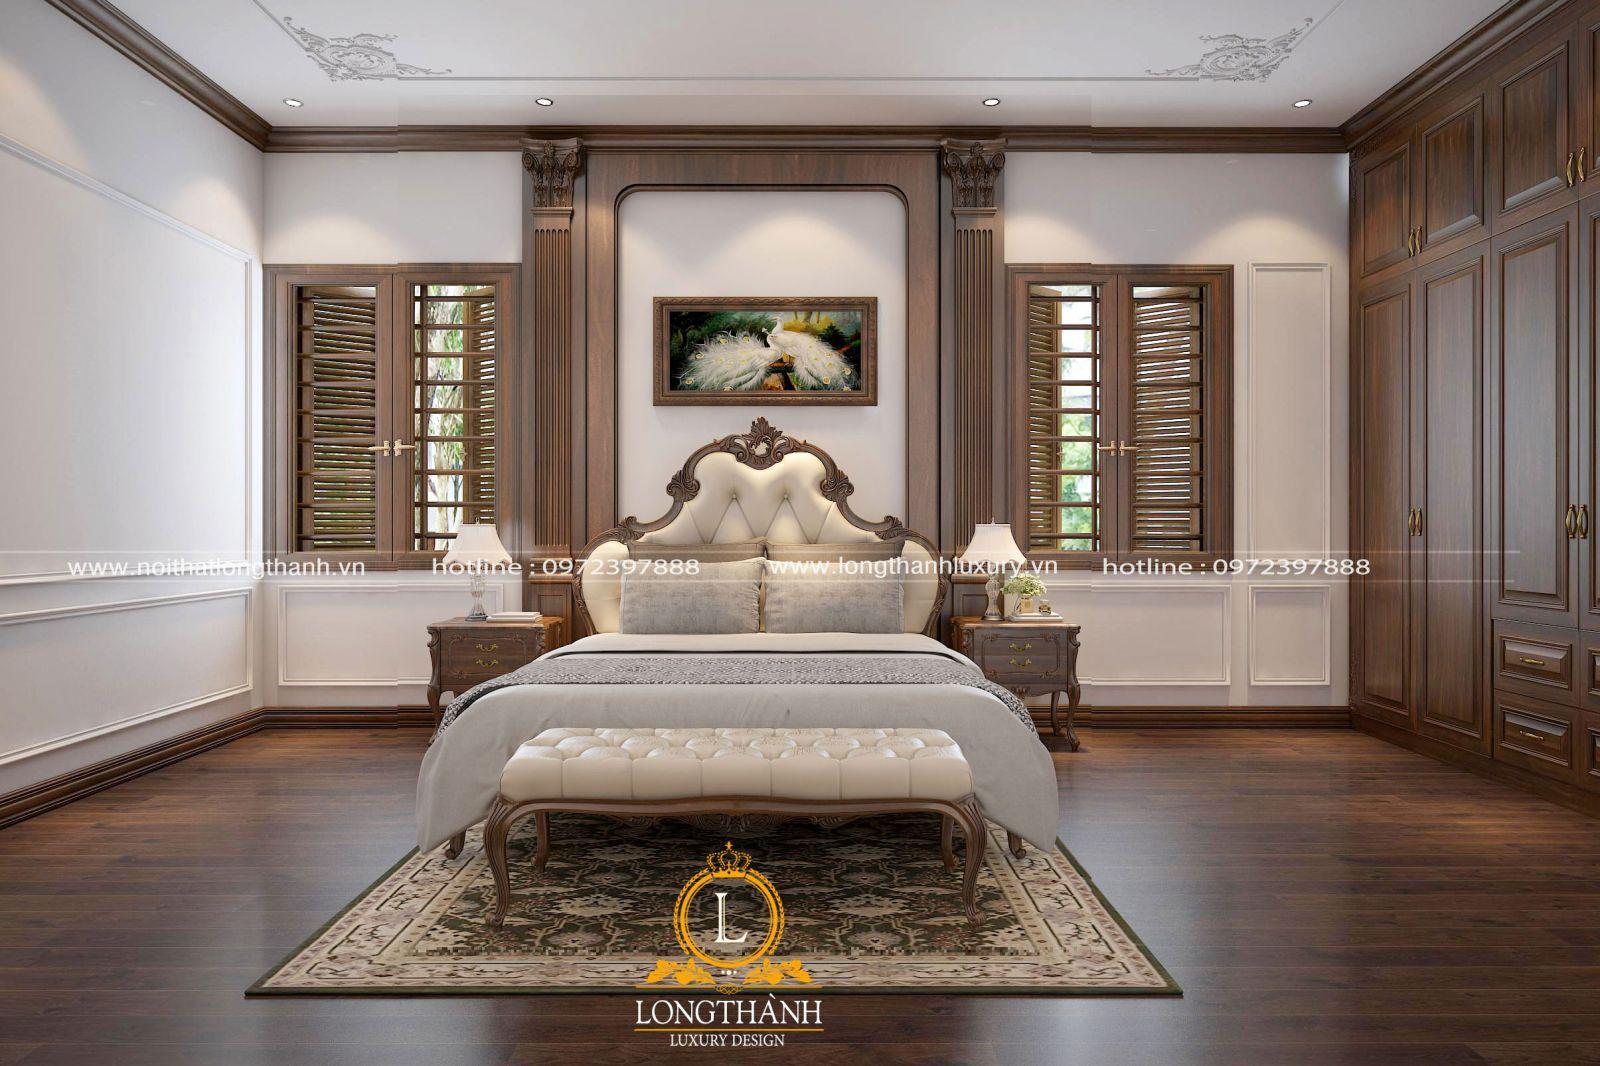 Phòng ngủ cao cấp với chất liệu gỗ và da tự nhiên cao cấp